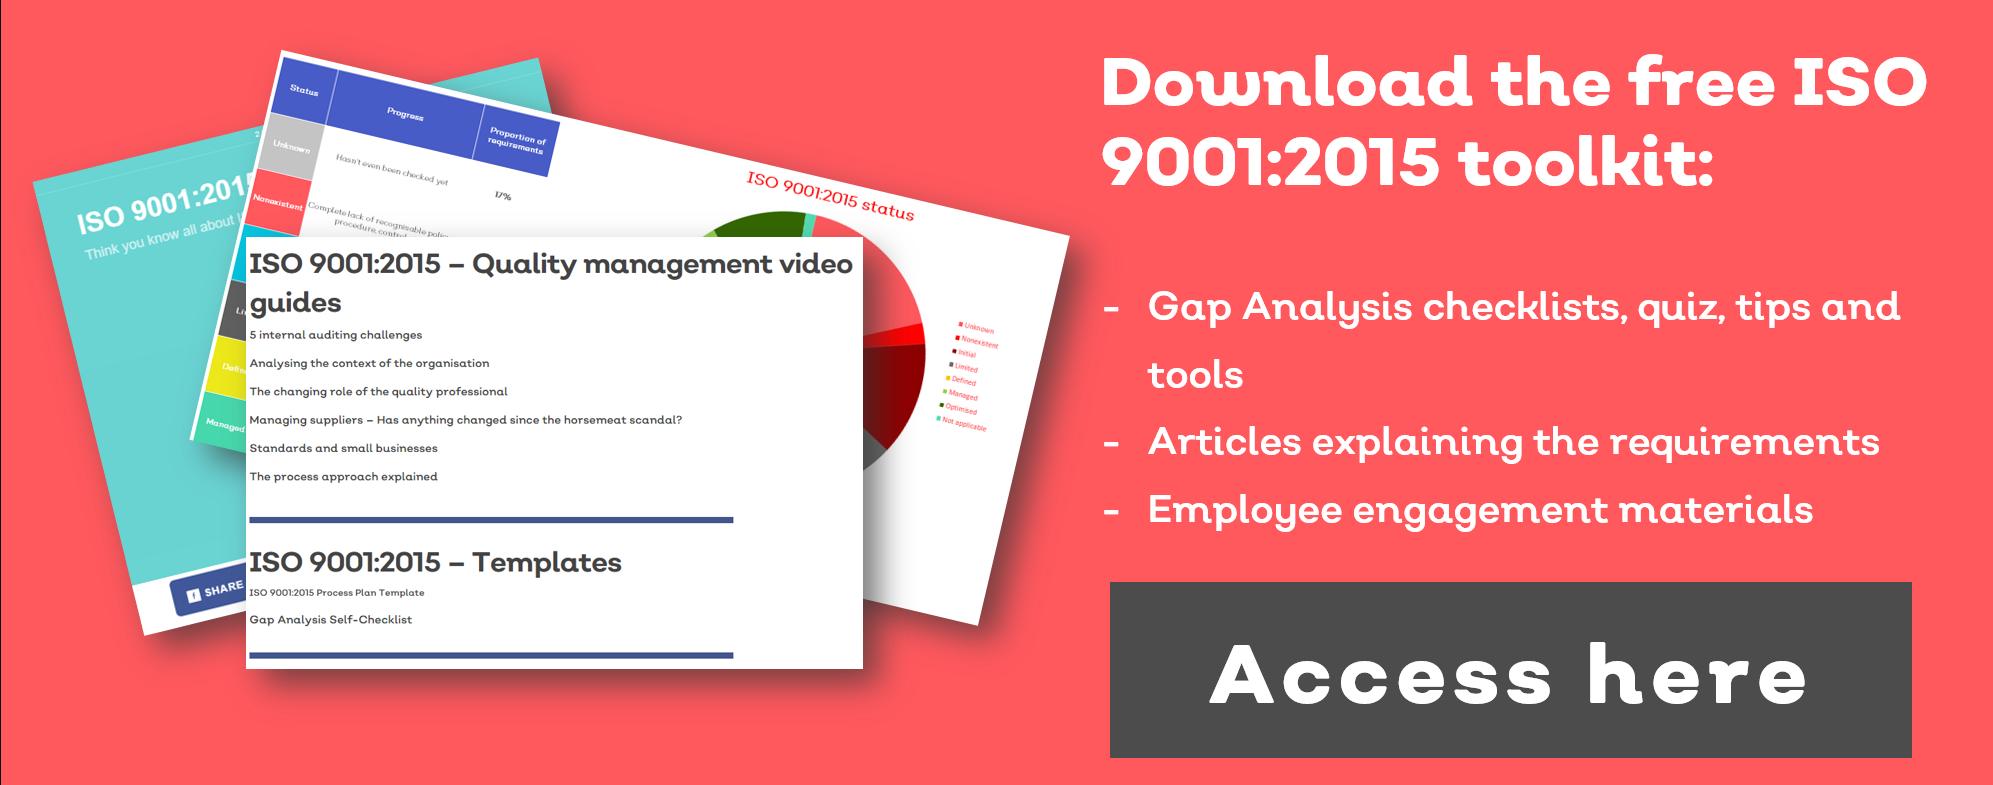 ISO 9001:2015 free pdf xls